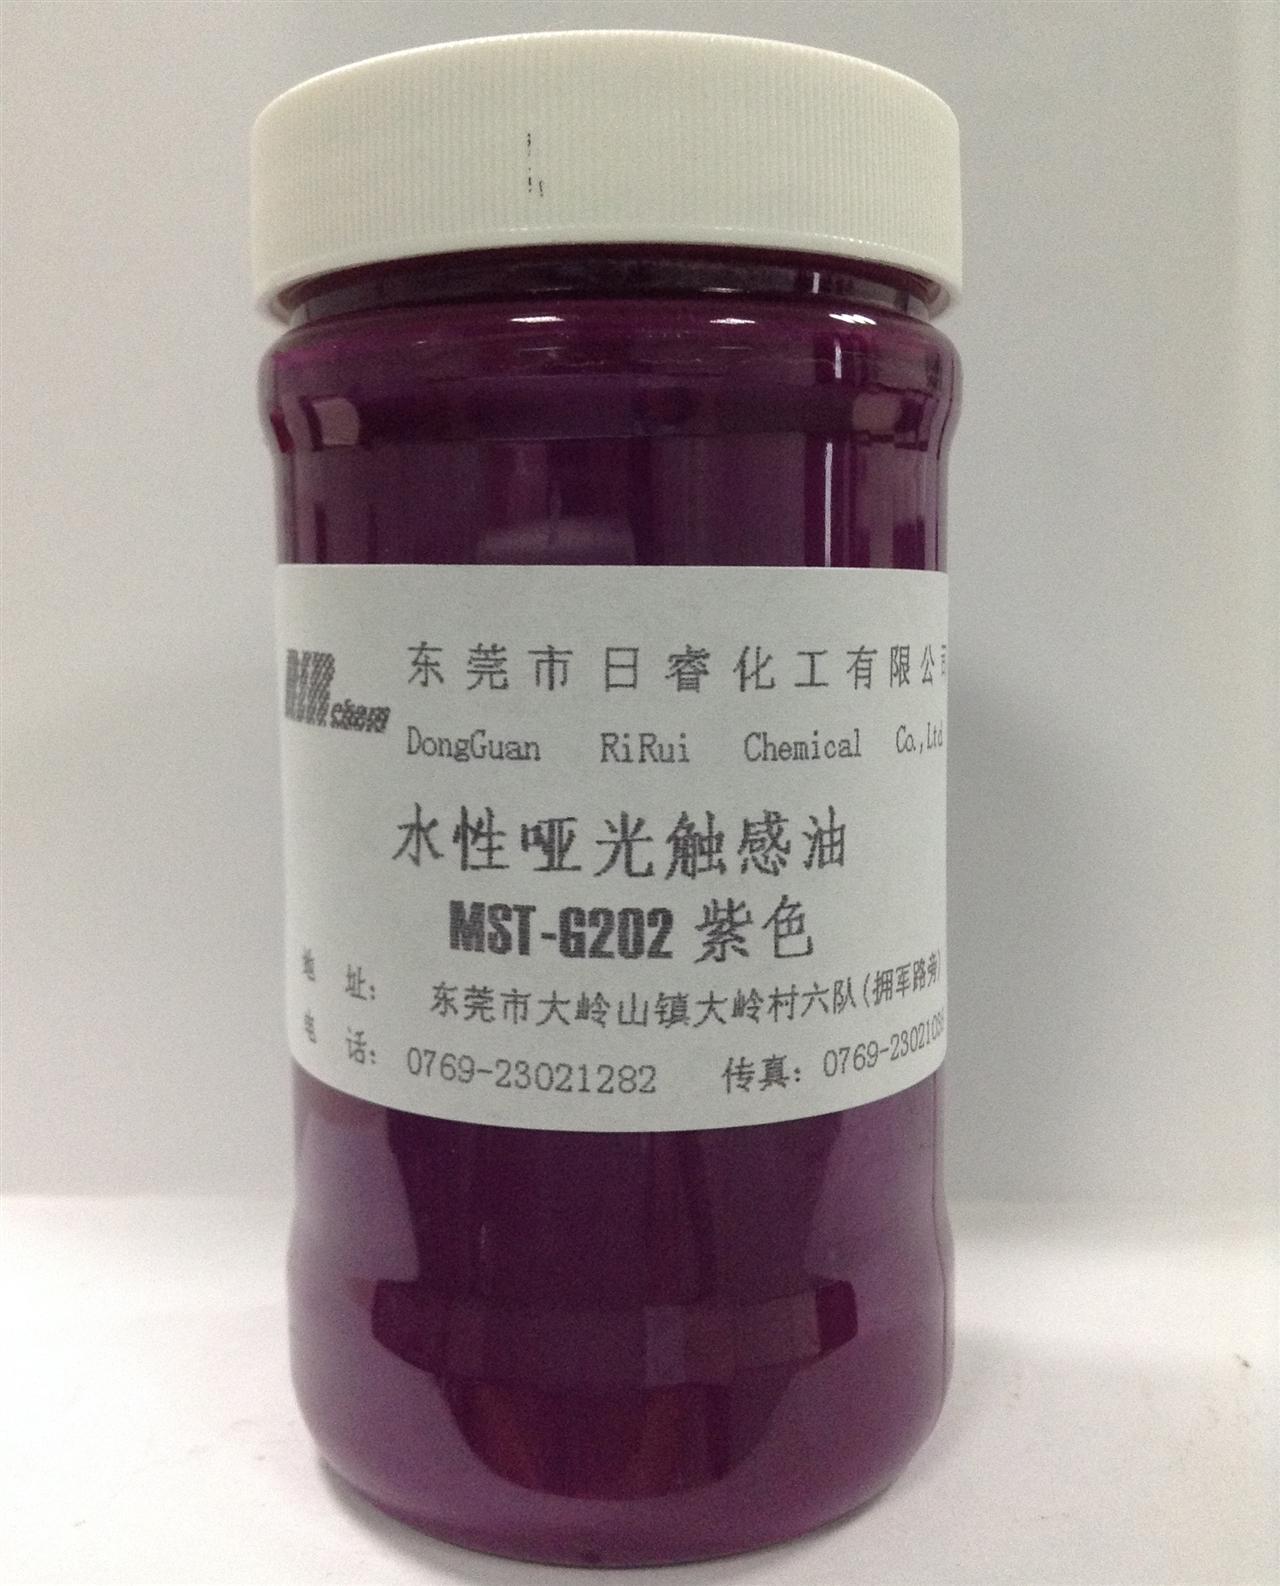 水性哑光触感油 MST-G202 紫色